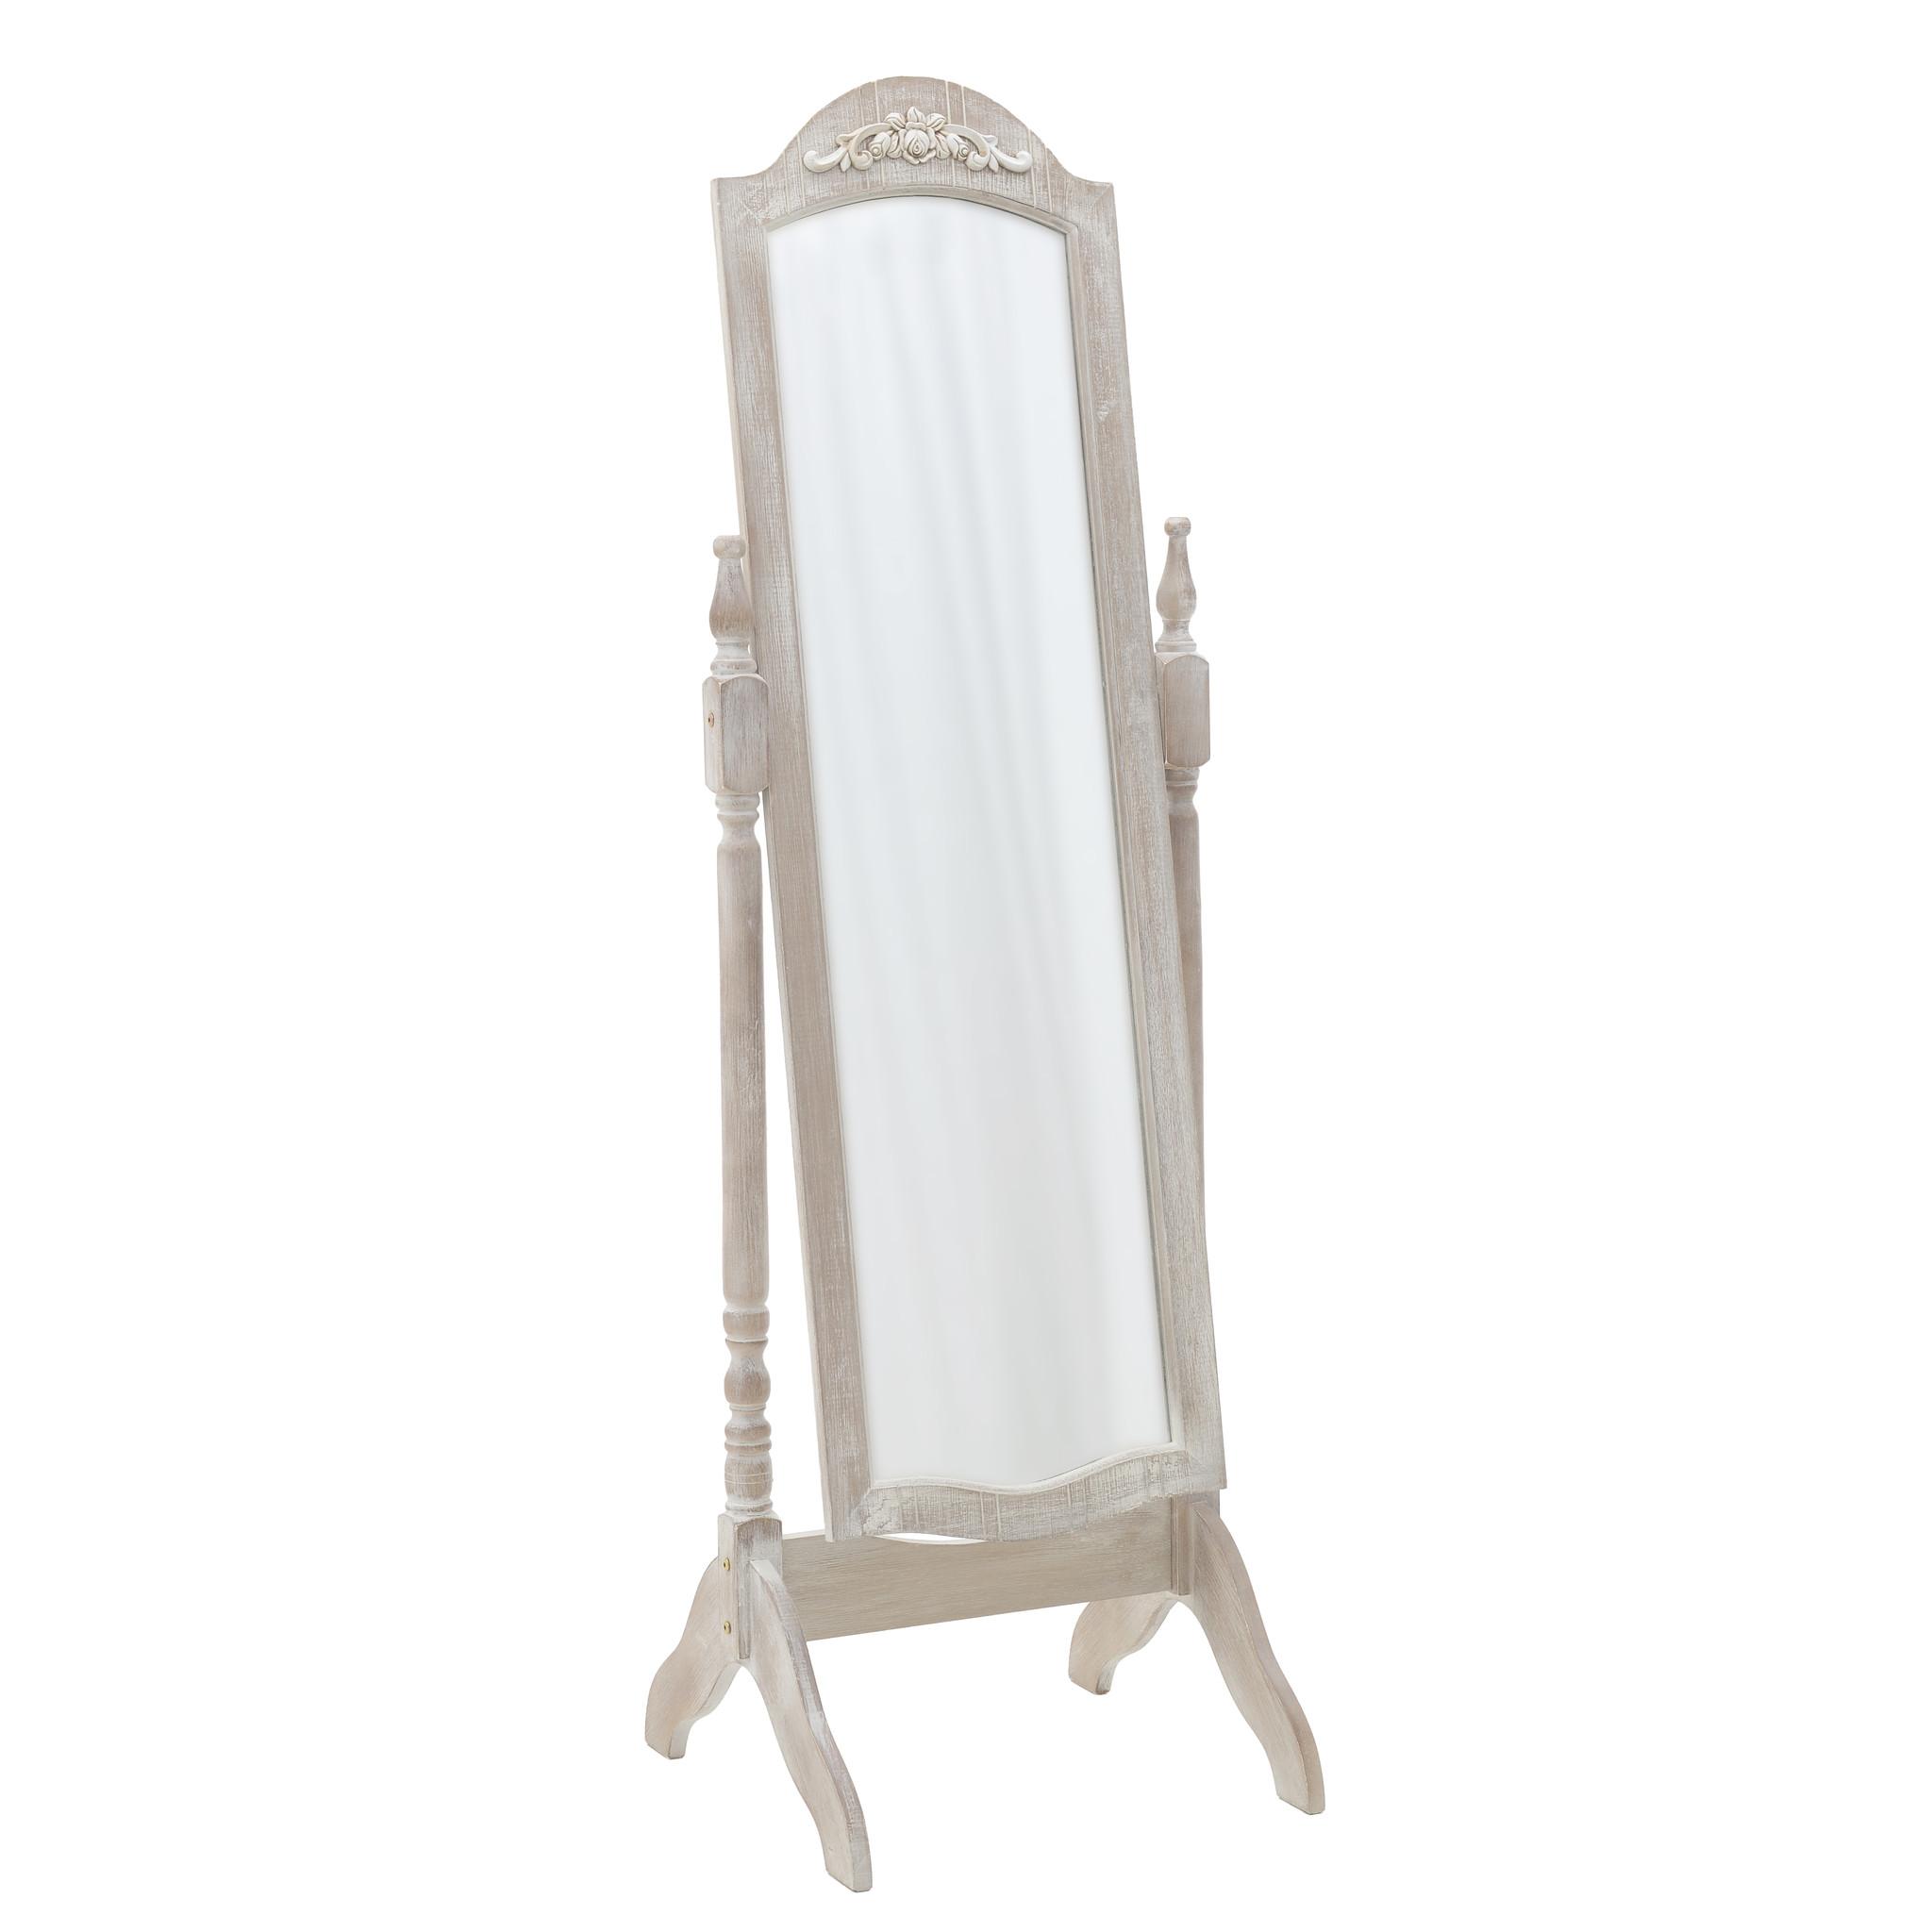 Купить Зеркало напольное на подставке, inmyroom, Греция